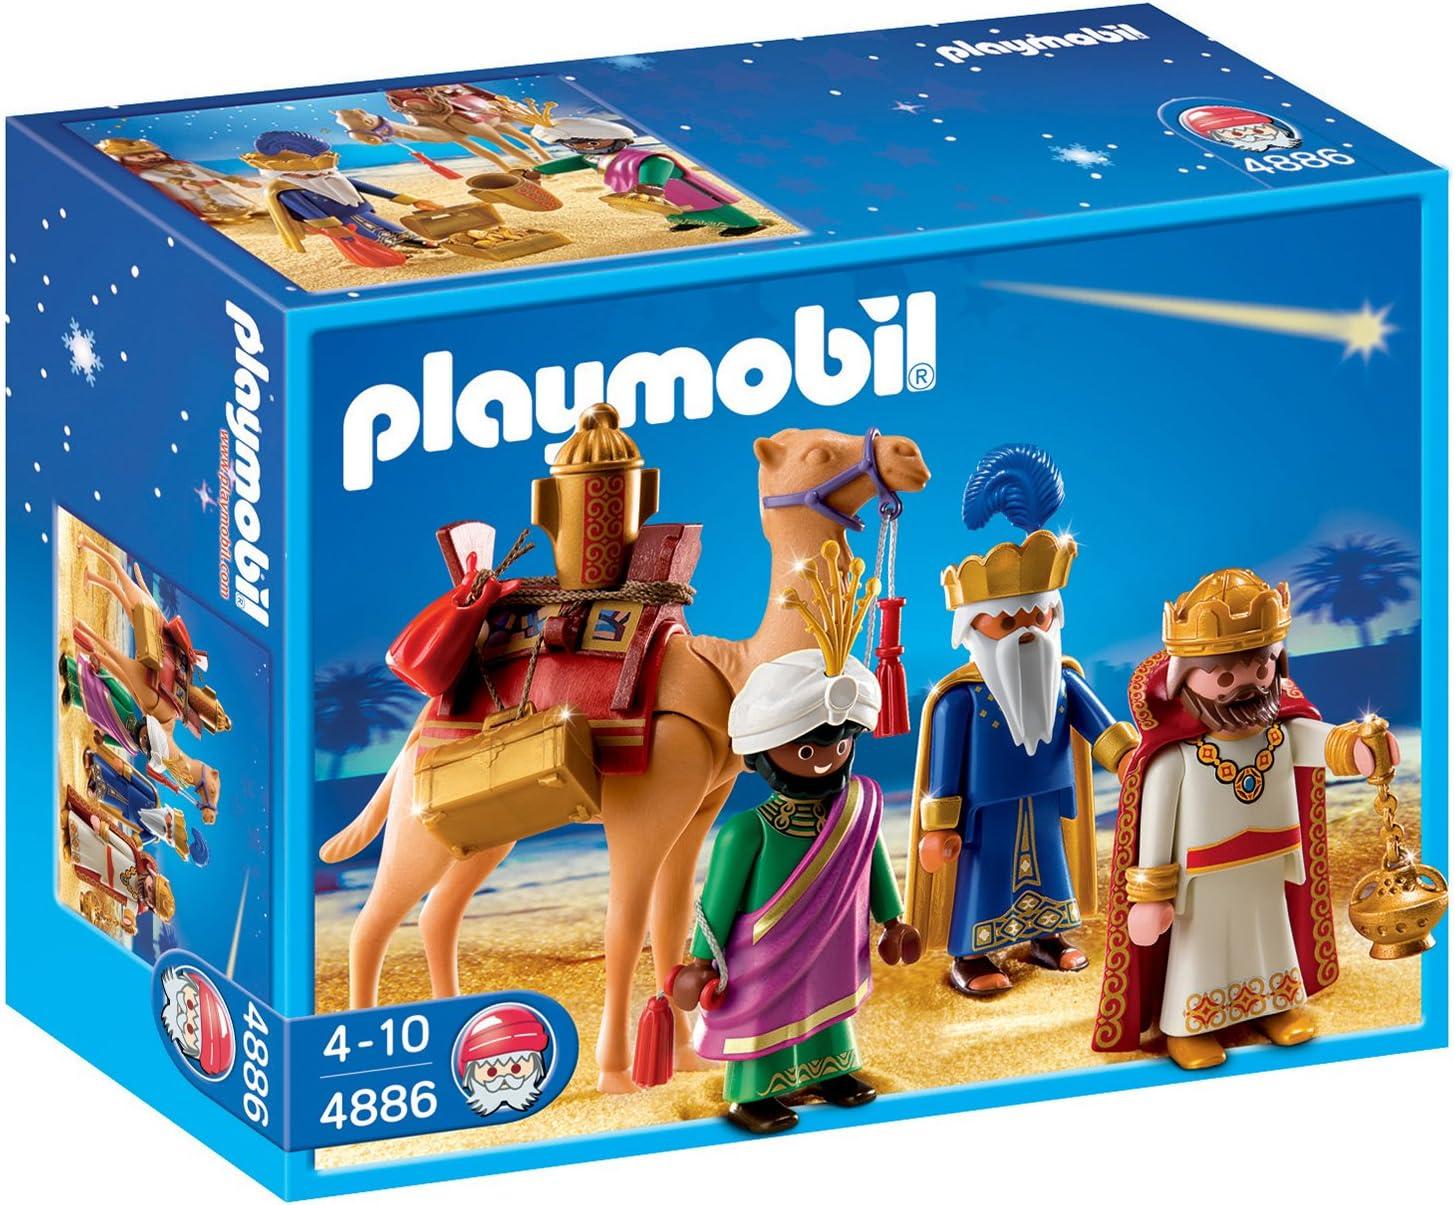 Playmobil - Reyes Magos (4886): Amazon.es: Juguetes y juegos